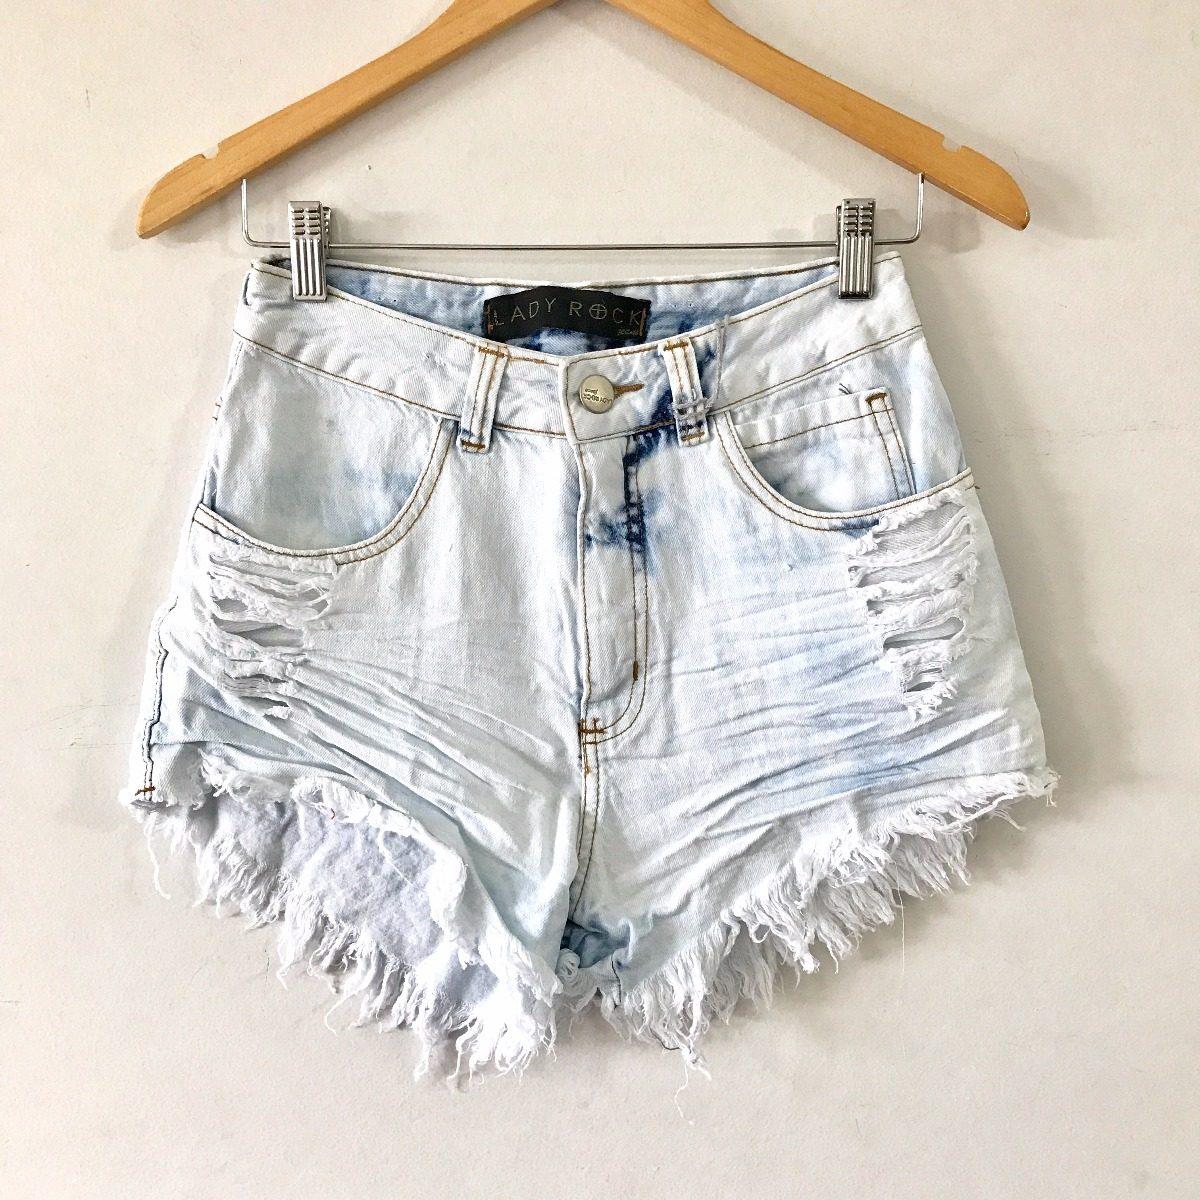 267a88d2d shorts cintura alta hot pants jeans claro desfiado lady rock. Carregando  zoom.